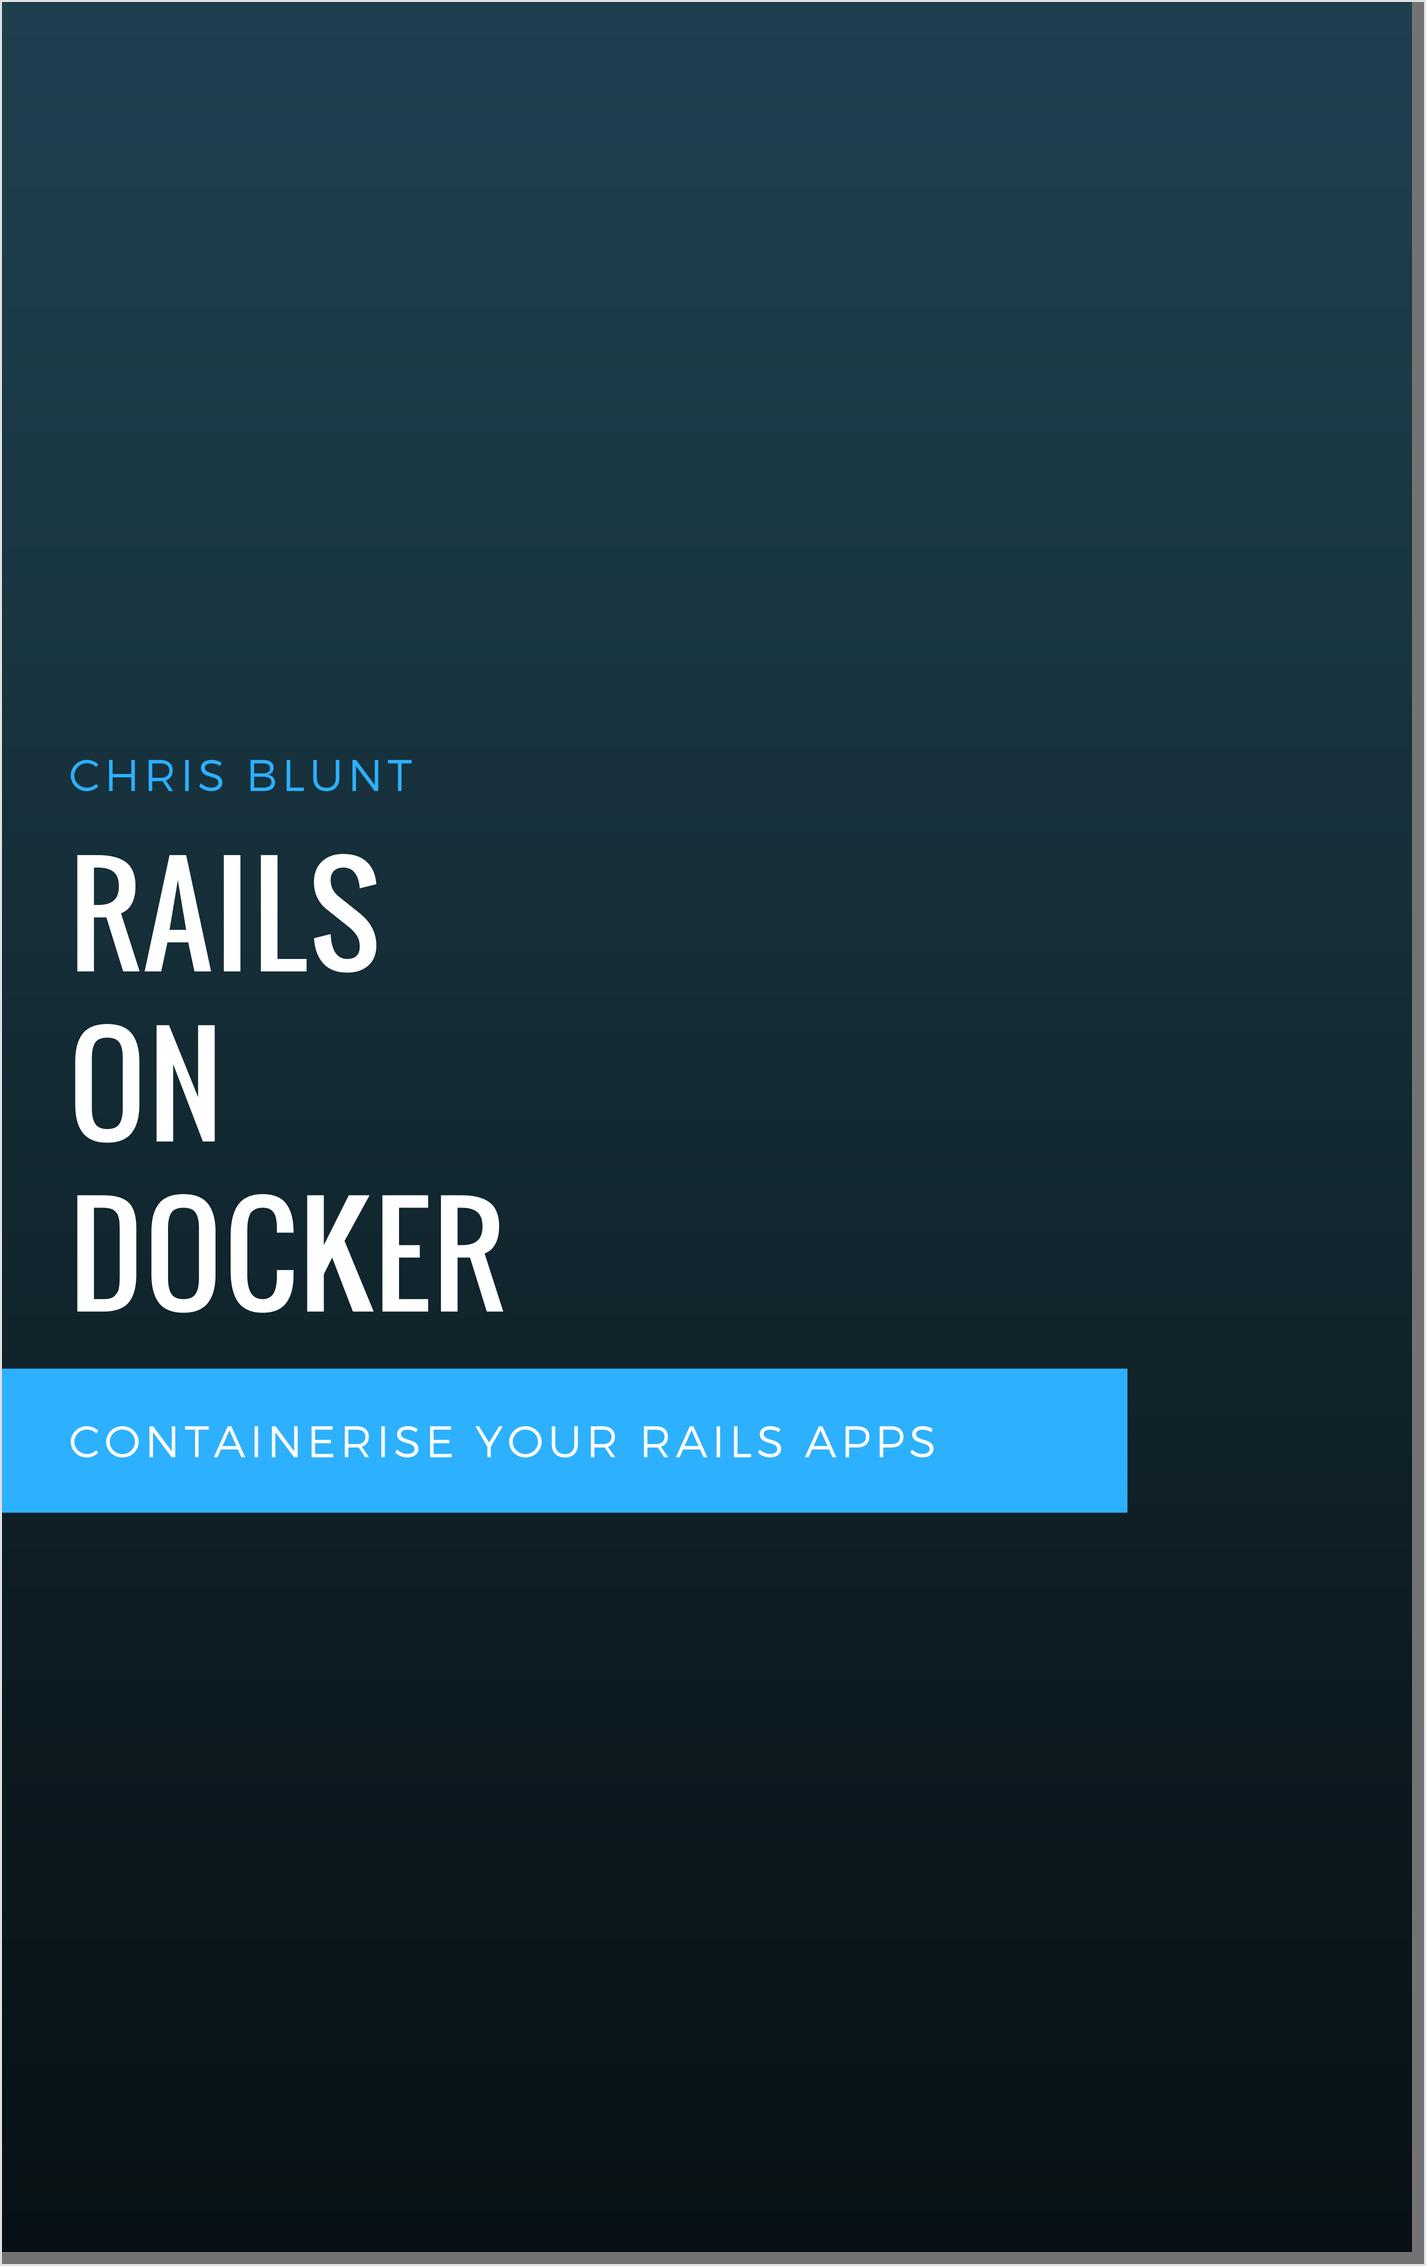 Rails on Docker Cover